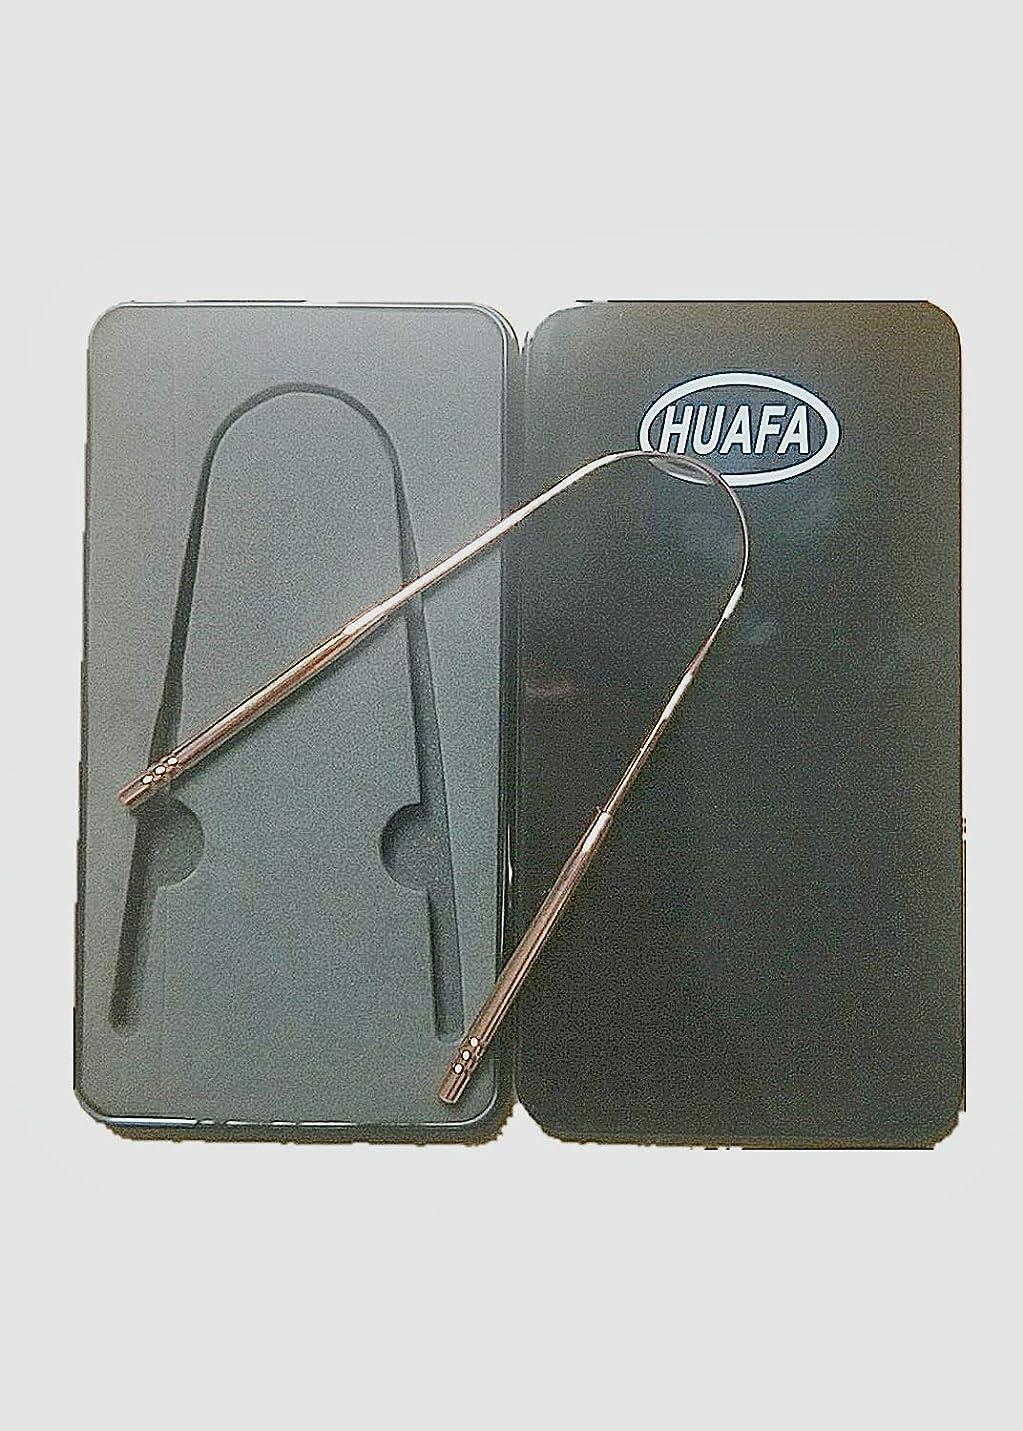 強盗差し迫った再編成する[HUAFA]舌ブラシ、舌クリーナー、口腔クリーナー、口臭防止、抗菌素材